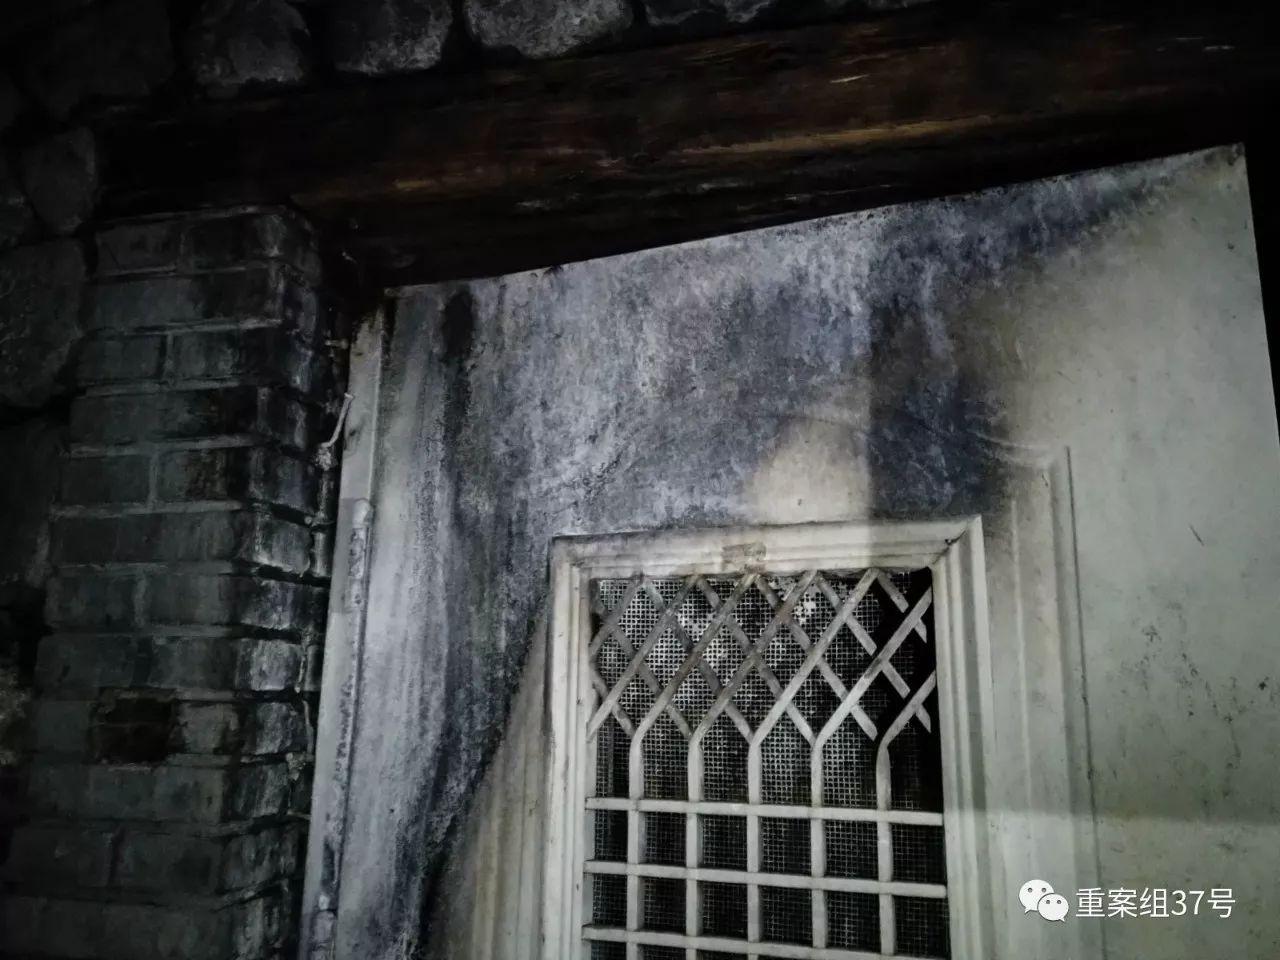 石景山一厨师疑行凶纵火致一死二伤  被发现时已死亡